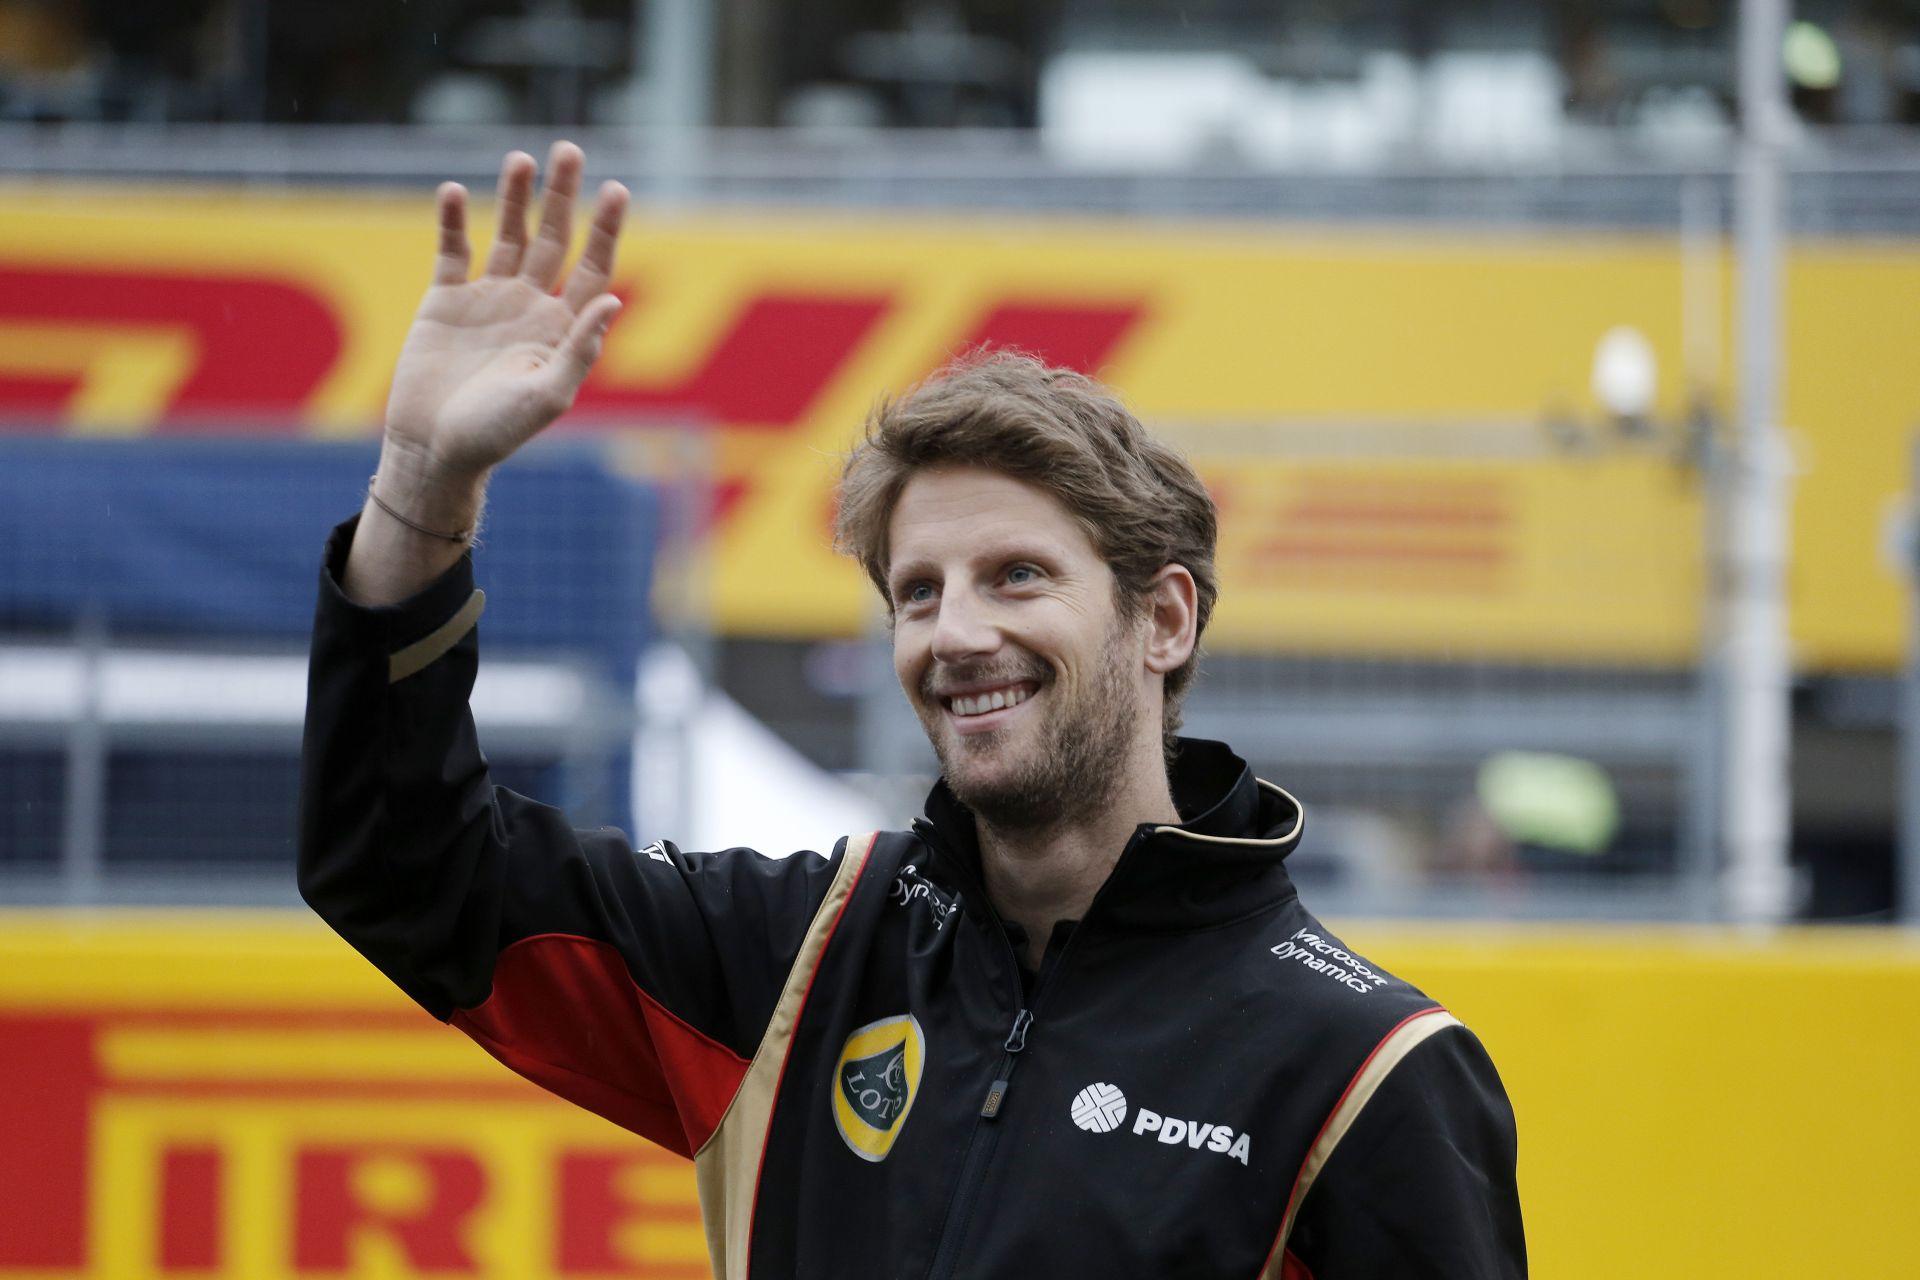 Romain Grosjean álma válna valóra, ha egy szép nap a Ferrari versenyzője lehetne